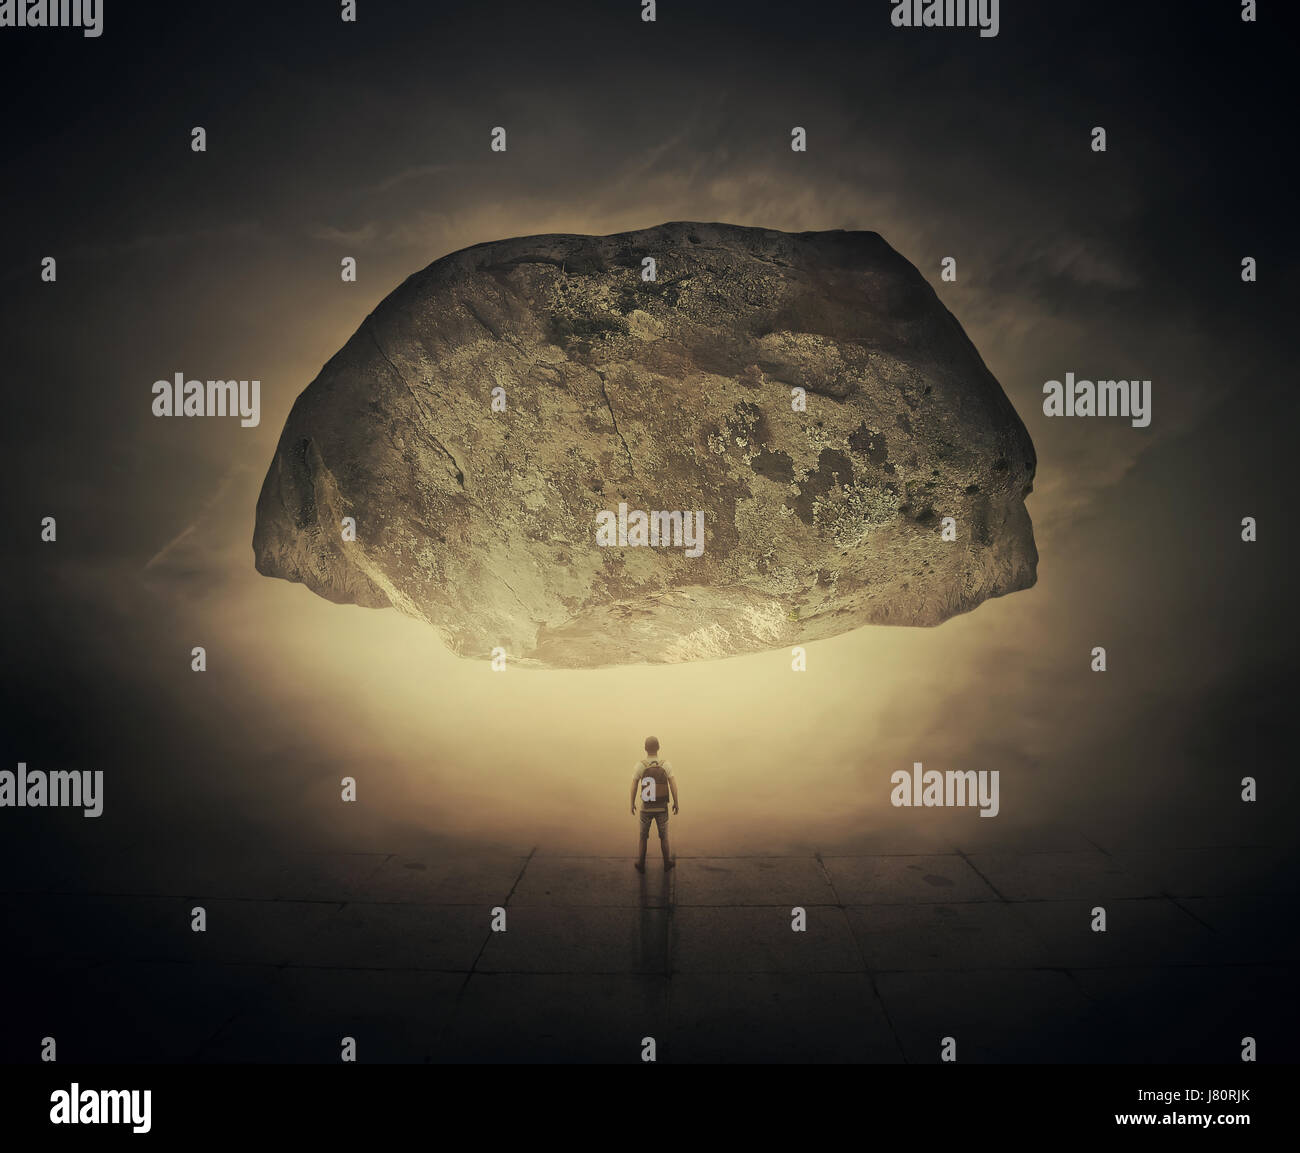 Imagen surrealista como un hombre con una bolsa en la espalda, en un stand foggy calle debajo de una enorme roca Foto de stock